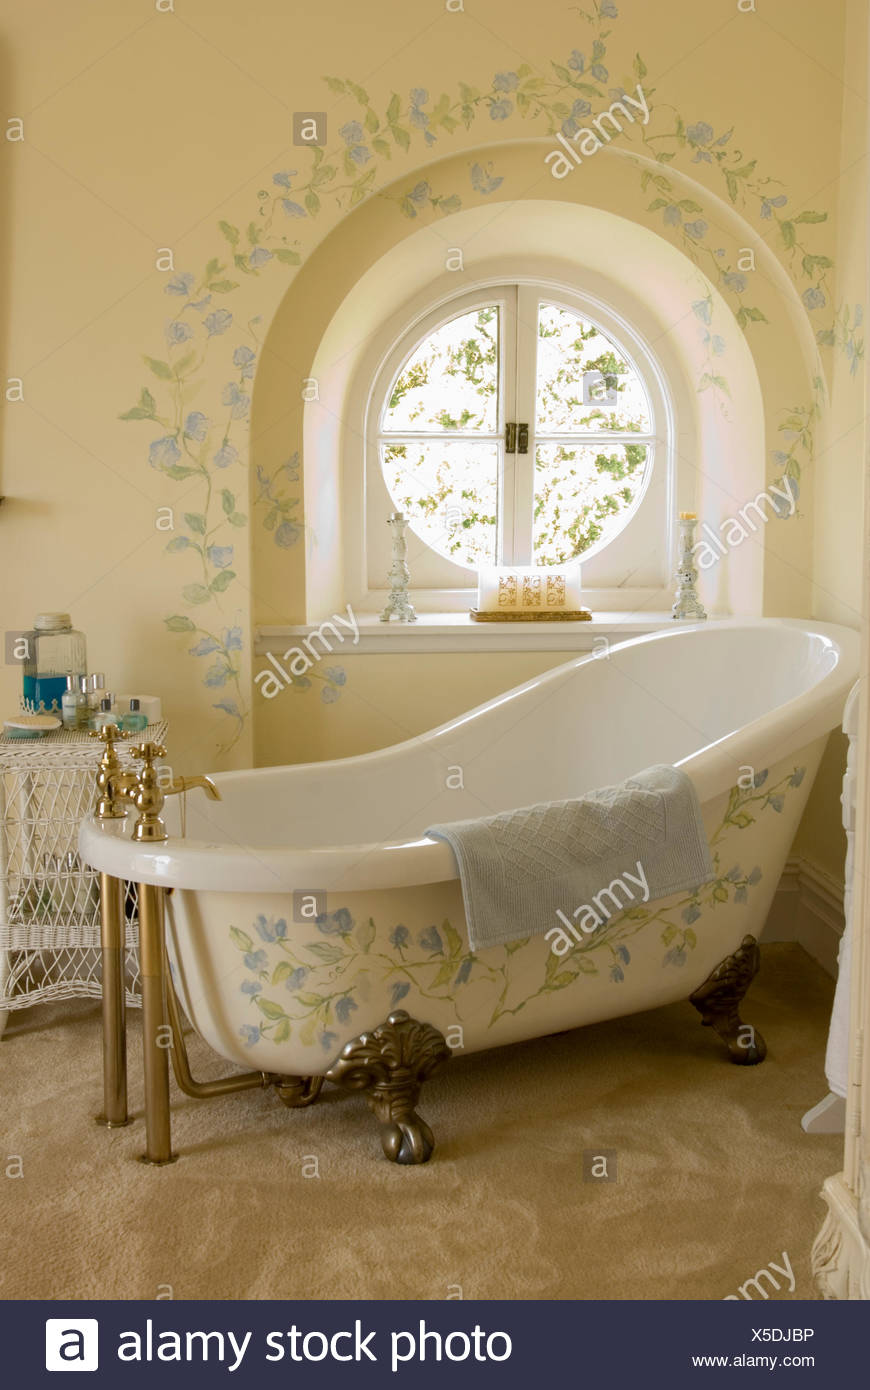 Hervorragend Creme Bad Mit Floraler Bemalung Auf Rolltop Bad Vor Kreisrundes Fenster Mit  Passenden Dekoration An Wand